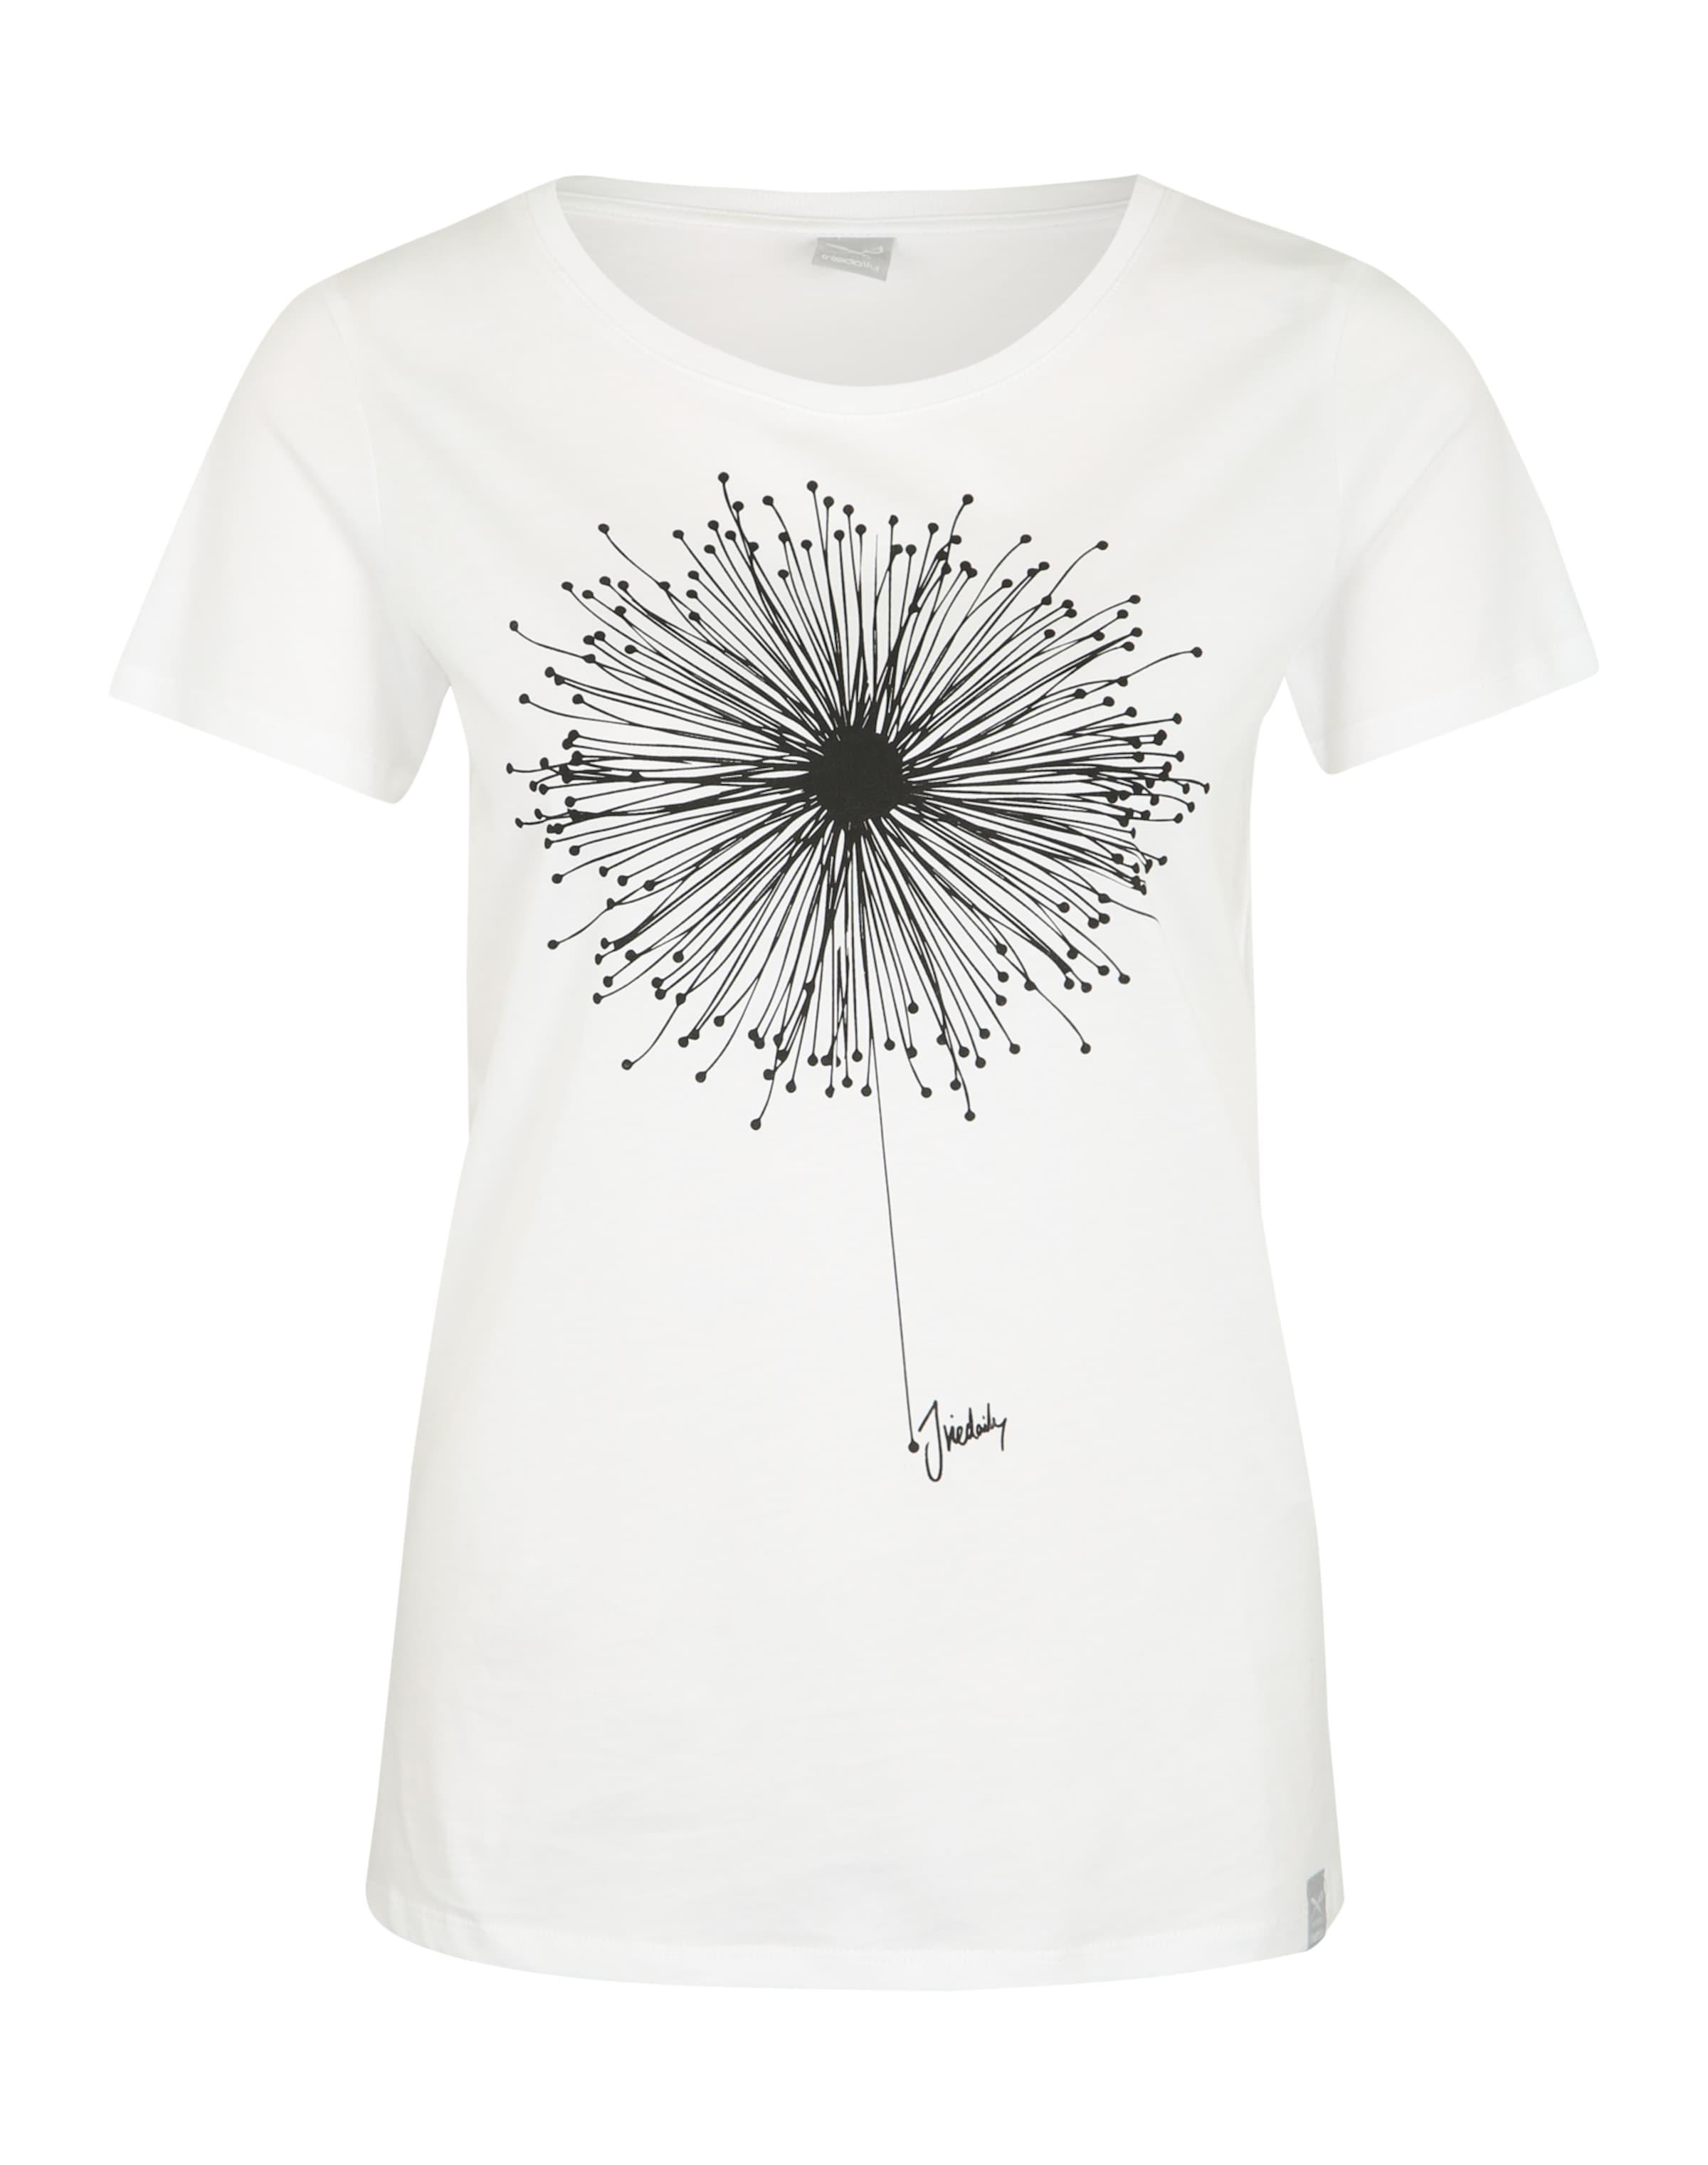 'blowball' 'blowball' Iriedaily In In Shirt Shirt In Shirt Wit Iriedaily 'blowball' Iriedaily Wit rCdxoeB